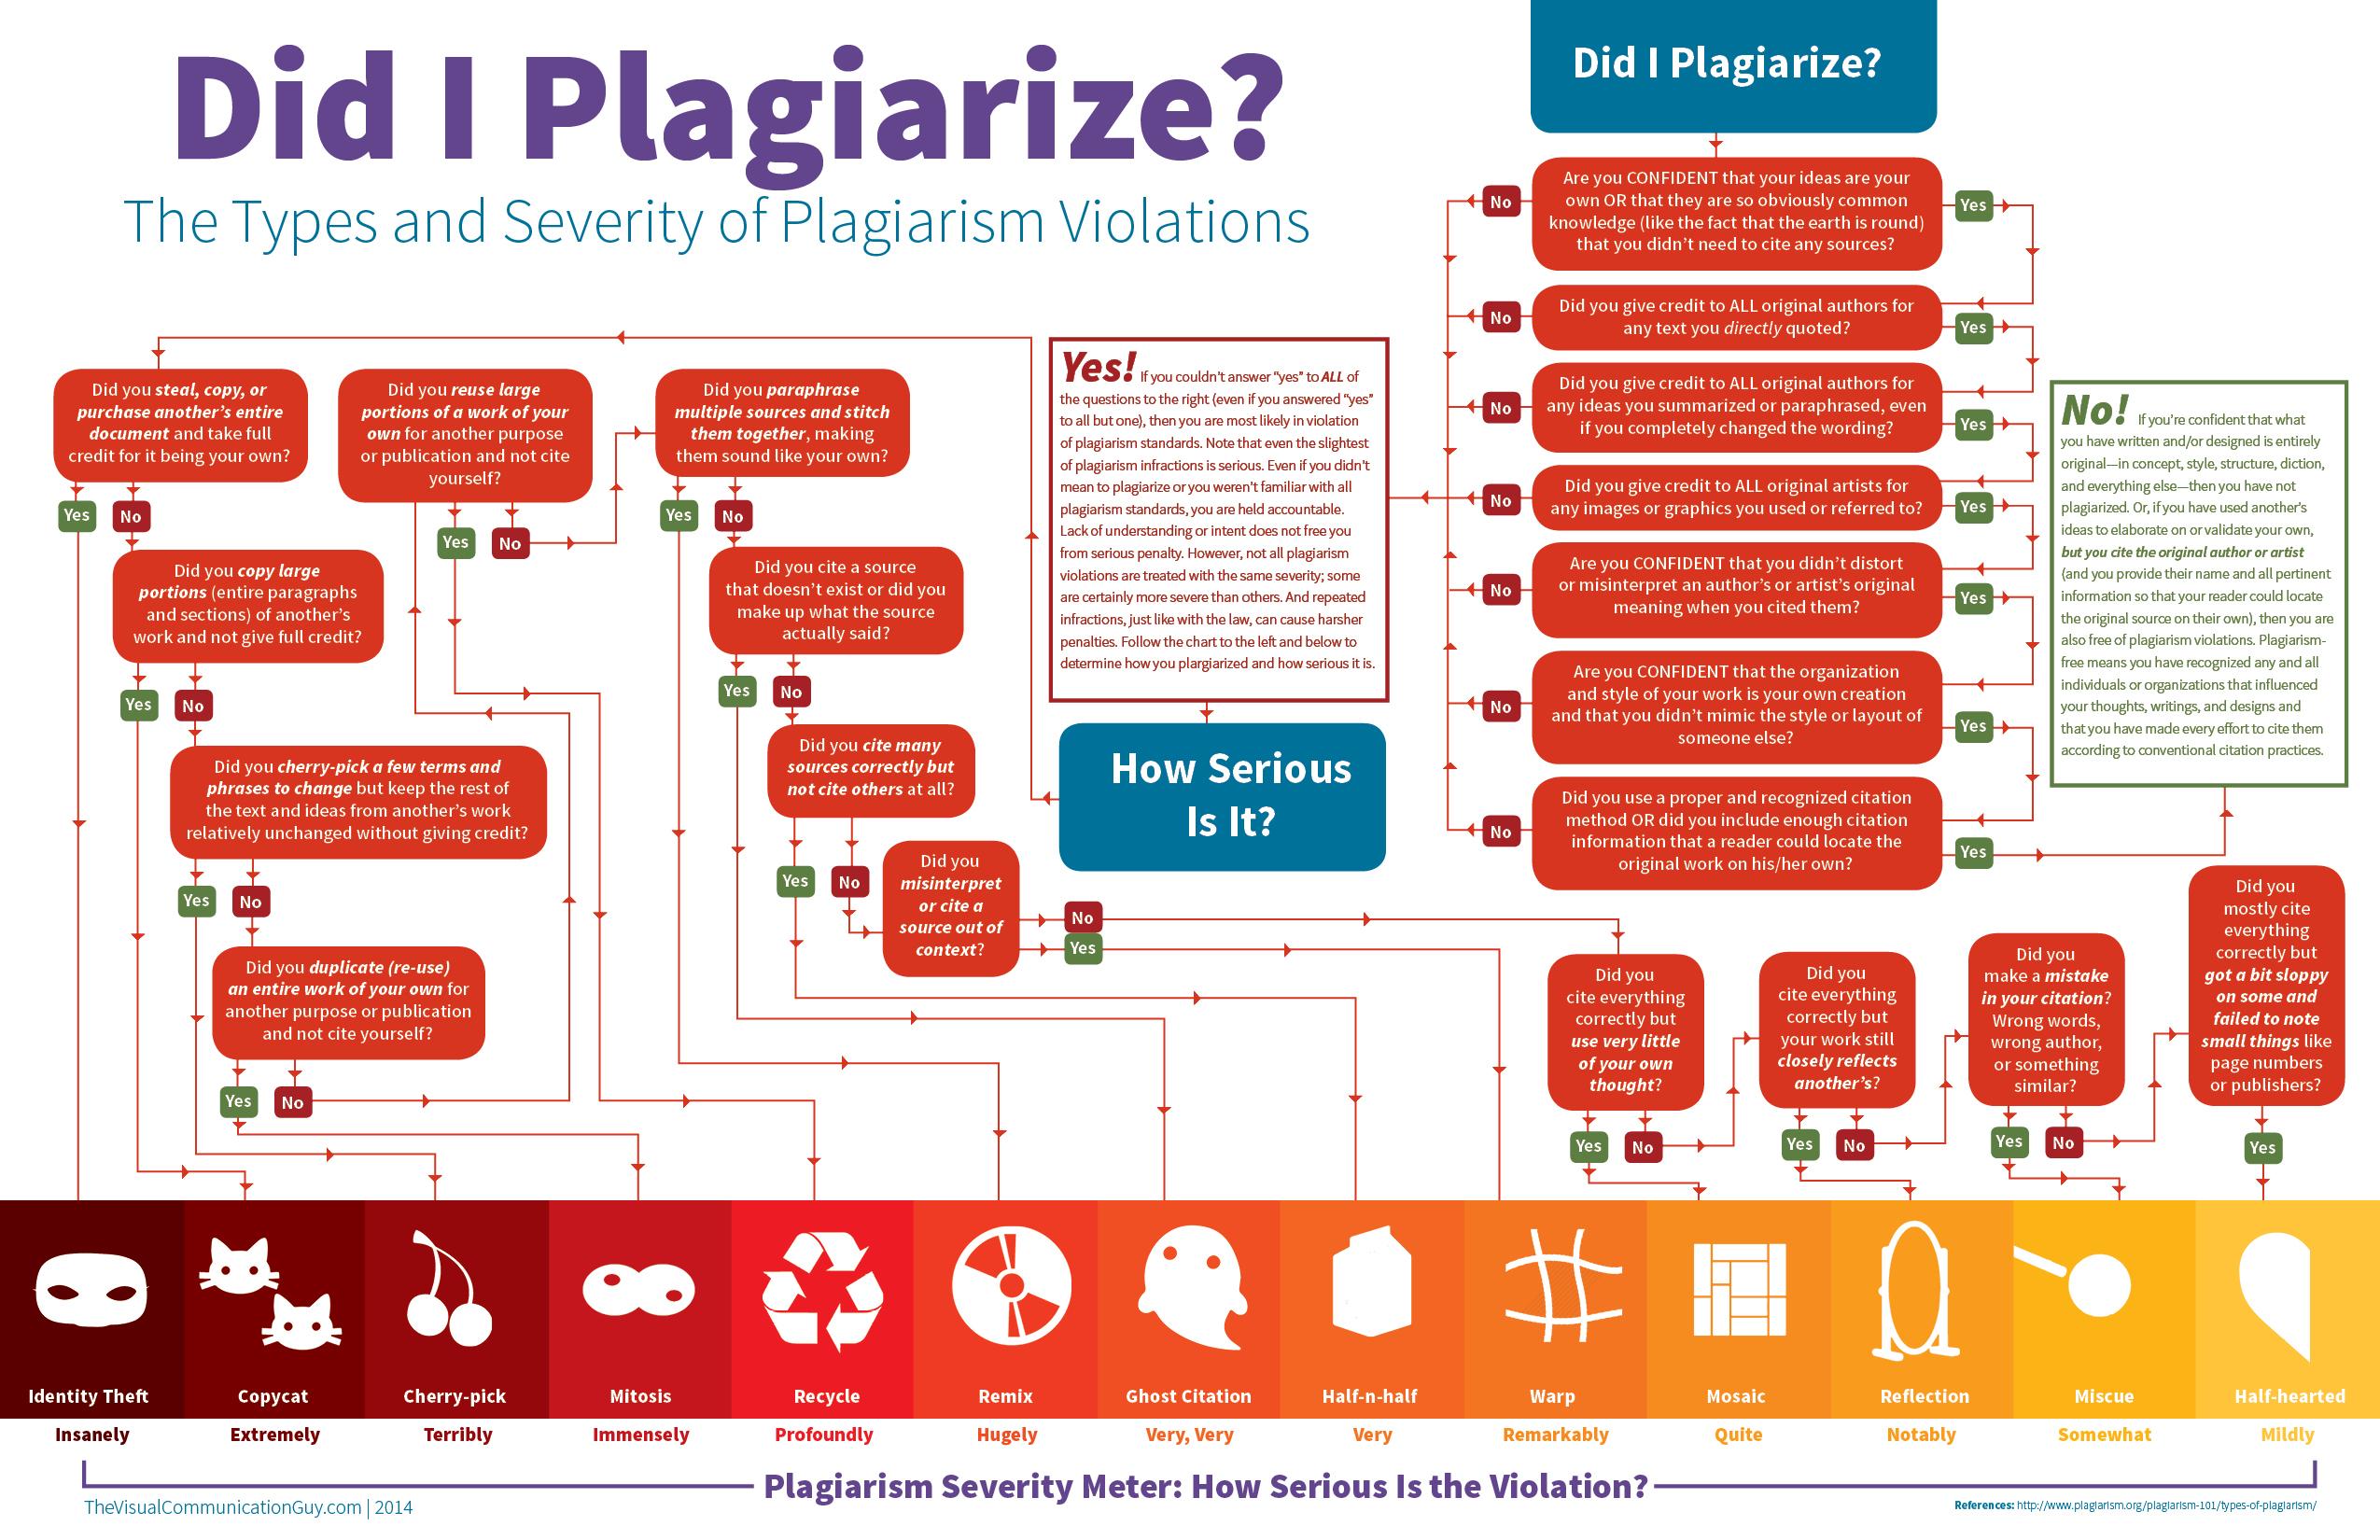 سرقت ادبی (Plagiarism) چیست؟ نمونهها و مصادیق Plagiarism تقلب علمی، ایده دزدی، دزدی علمی